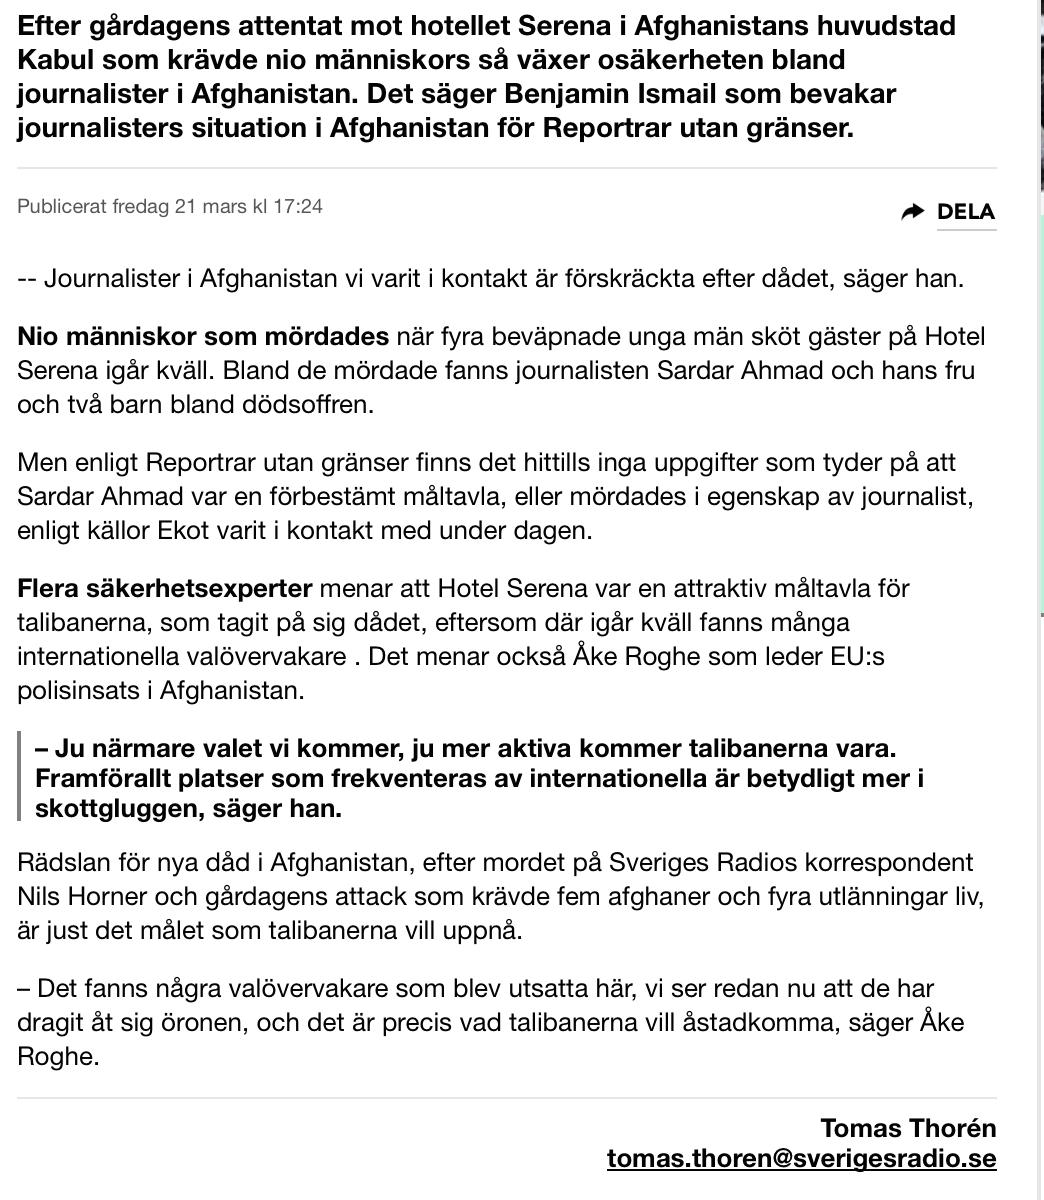 Journalister maltavla for attentat